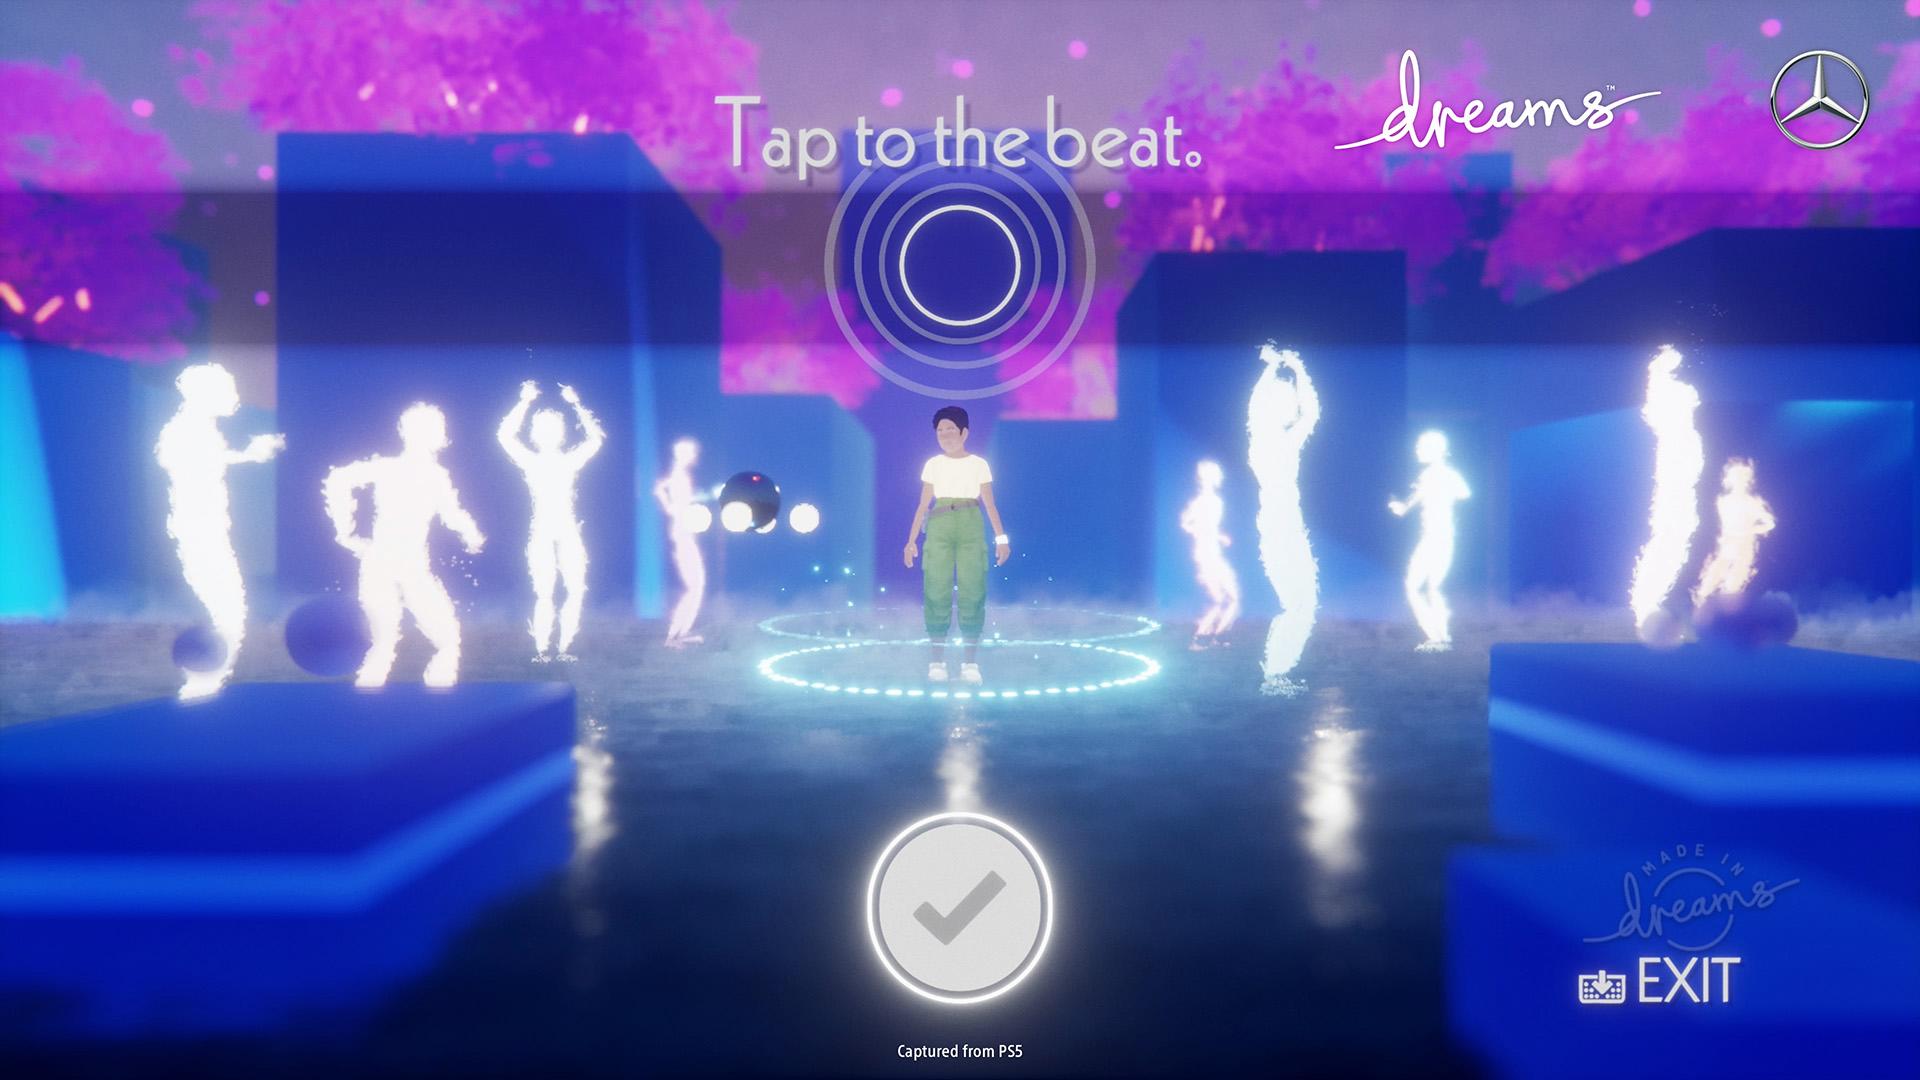 Une capture d'écran du jeu de rythme de la collaboration Dreams et Mercedes-Benz.